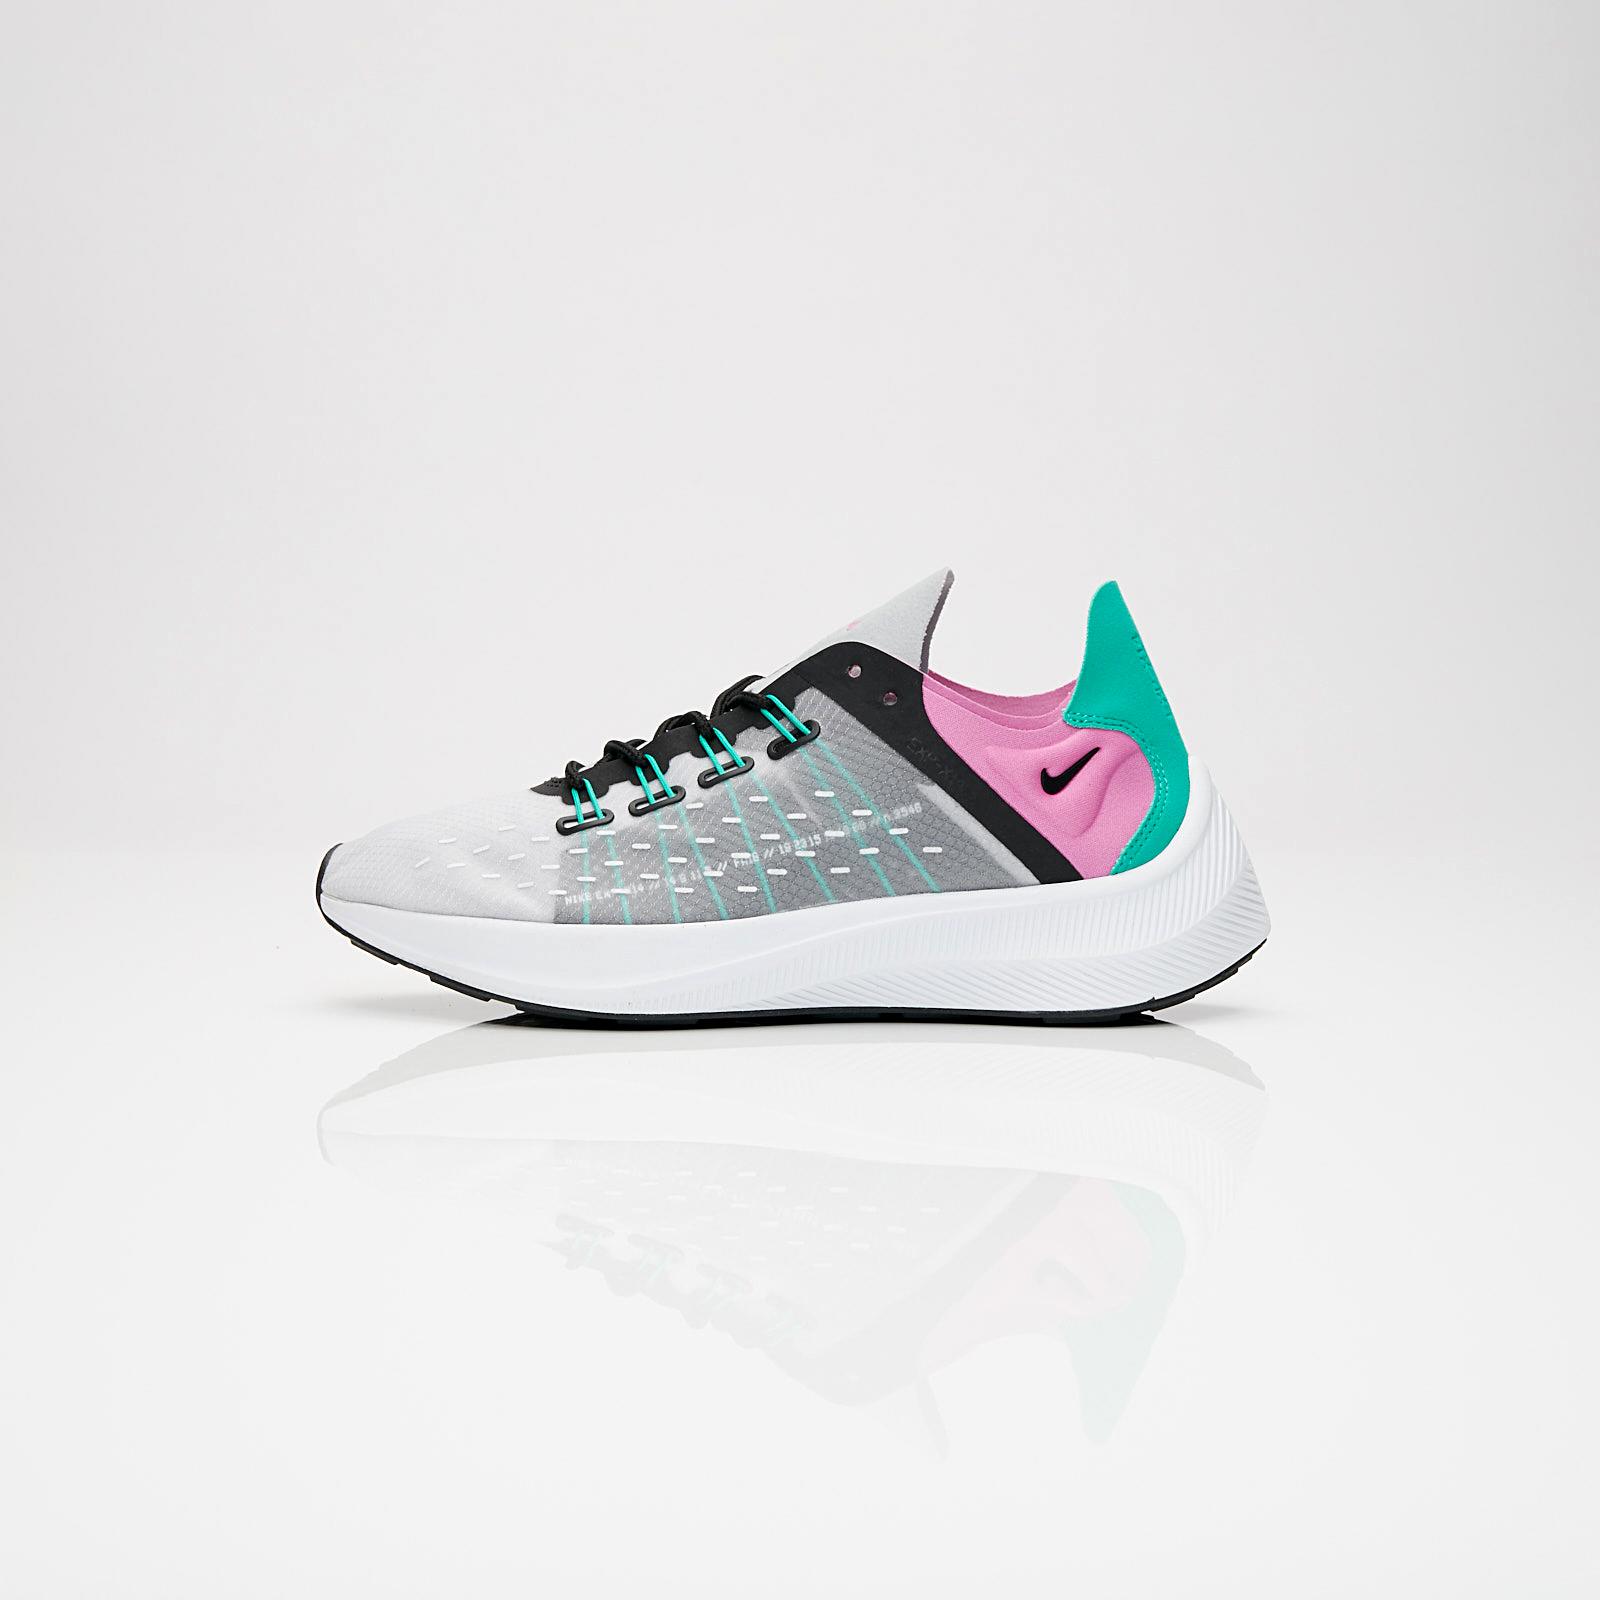 Humo objetivo comedia  Nike Wmns Future Fast Racer - Ao3170-003 - Sneakersnstuff | sneakers &  streetwear online since 1999